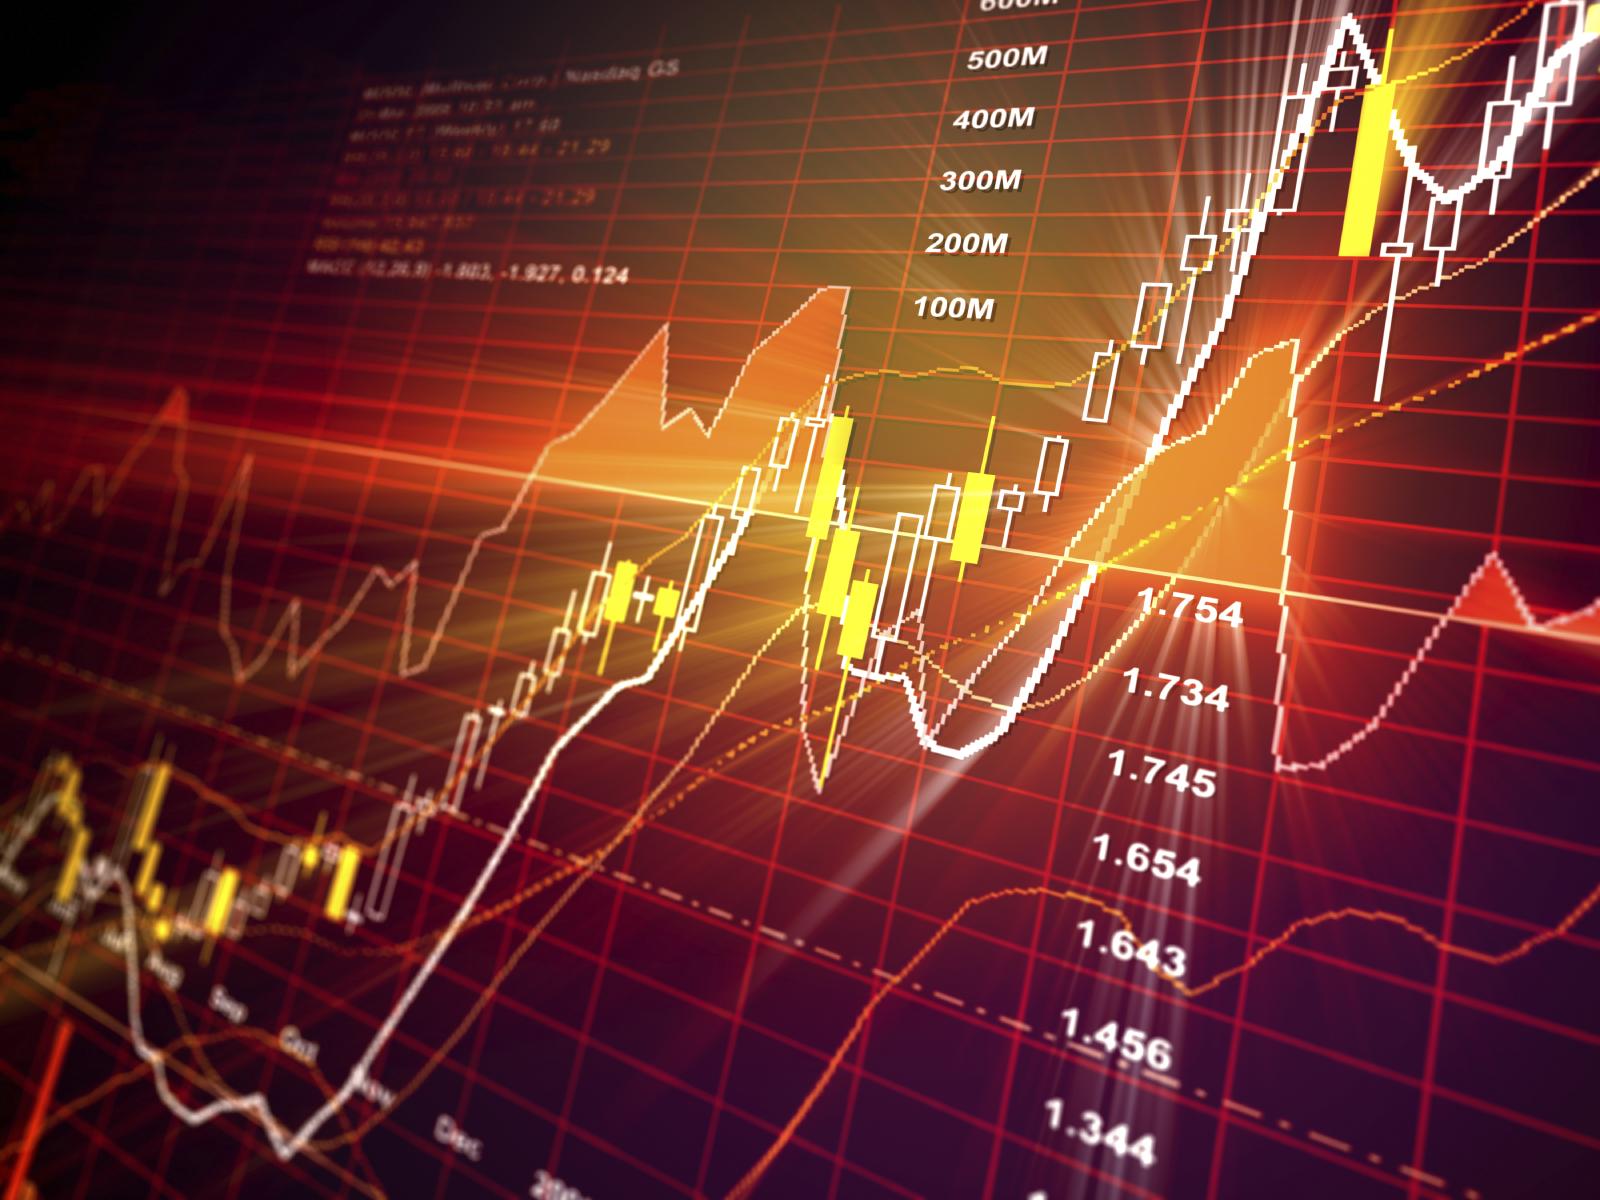 акции-графики-фри